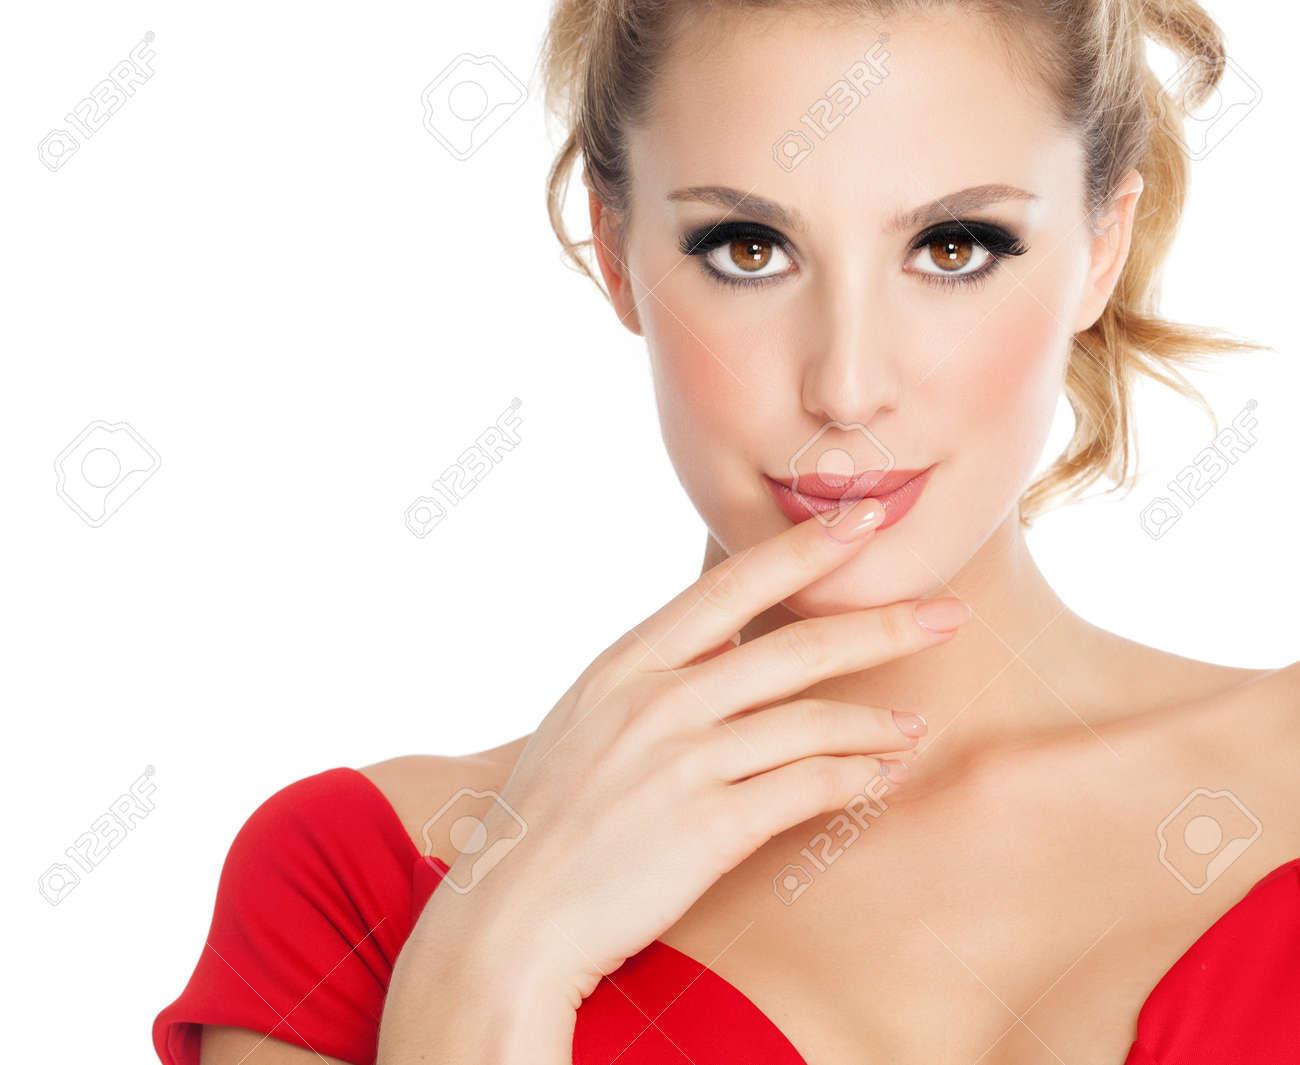 schöne frau mit roten lippenstift trägt rotes kleid auf weißem hintergrund.